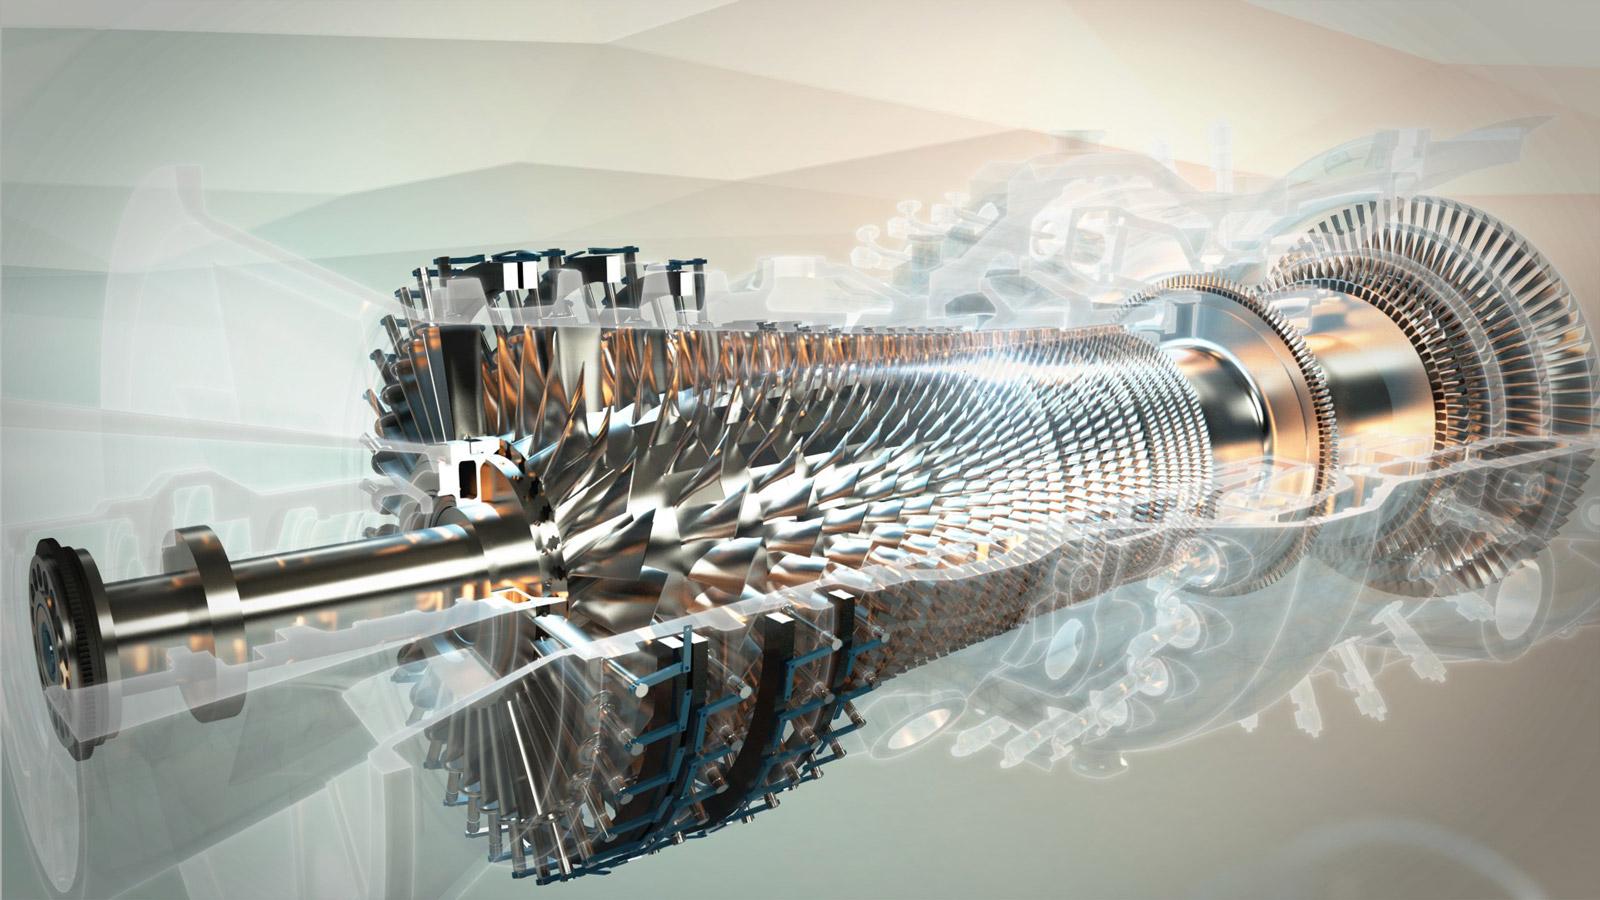 Турбины, индустриальные двигатели и газовые компрессоры